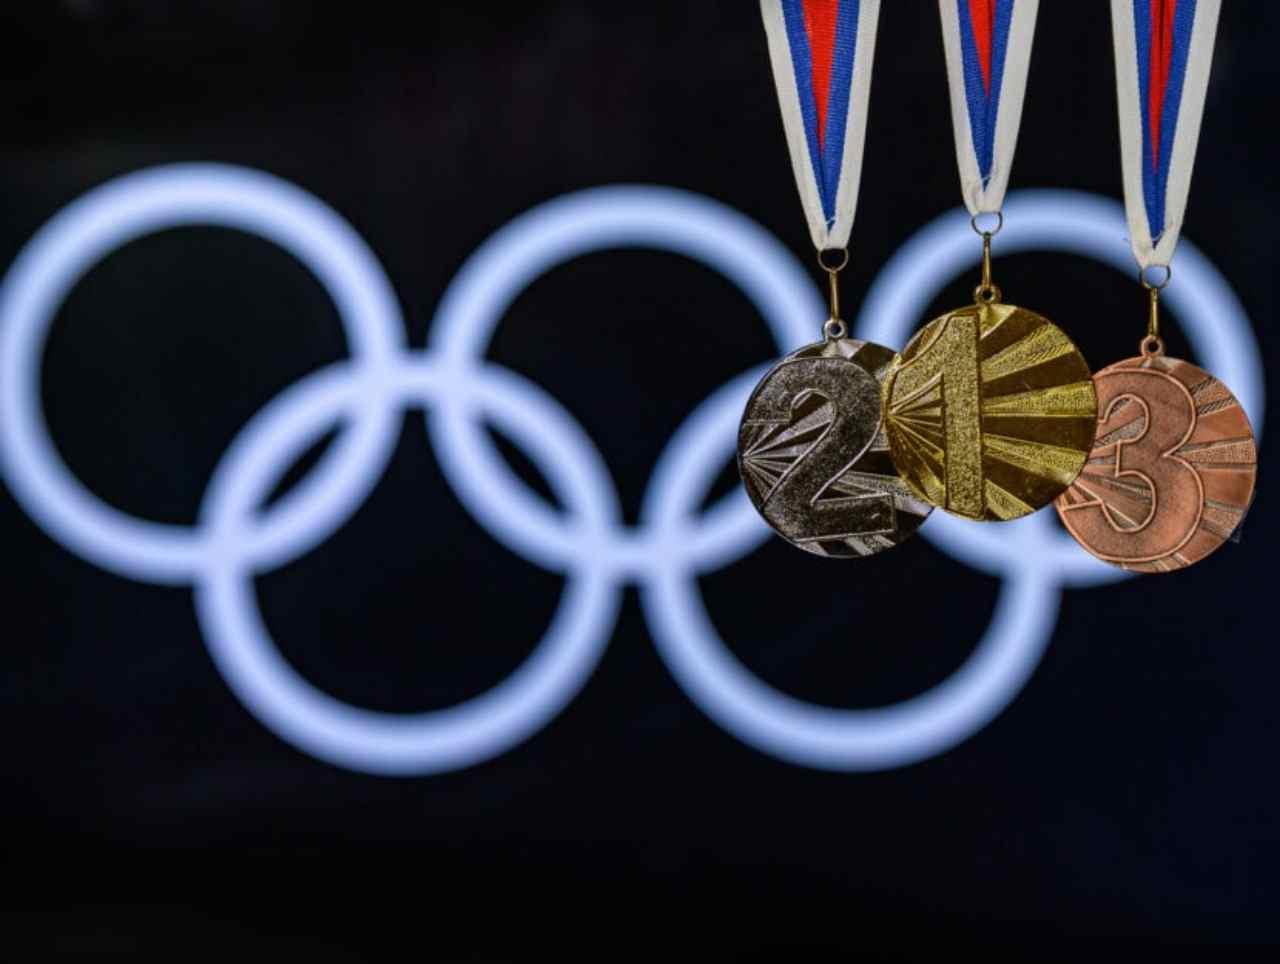 Olimpiadi, i riconoscimenti del Coni per le medaglie azzurre